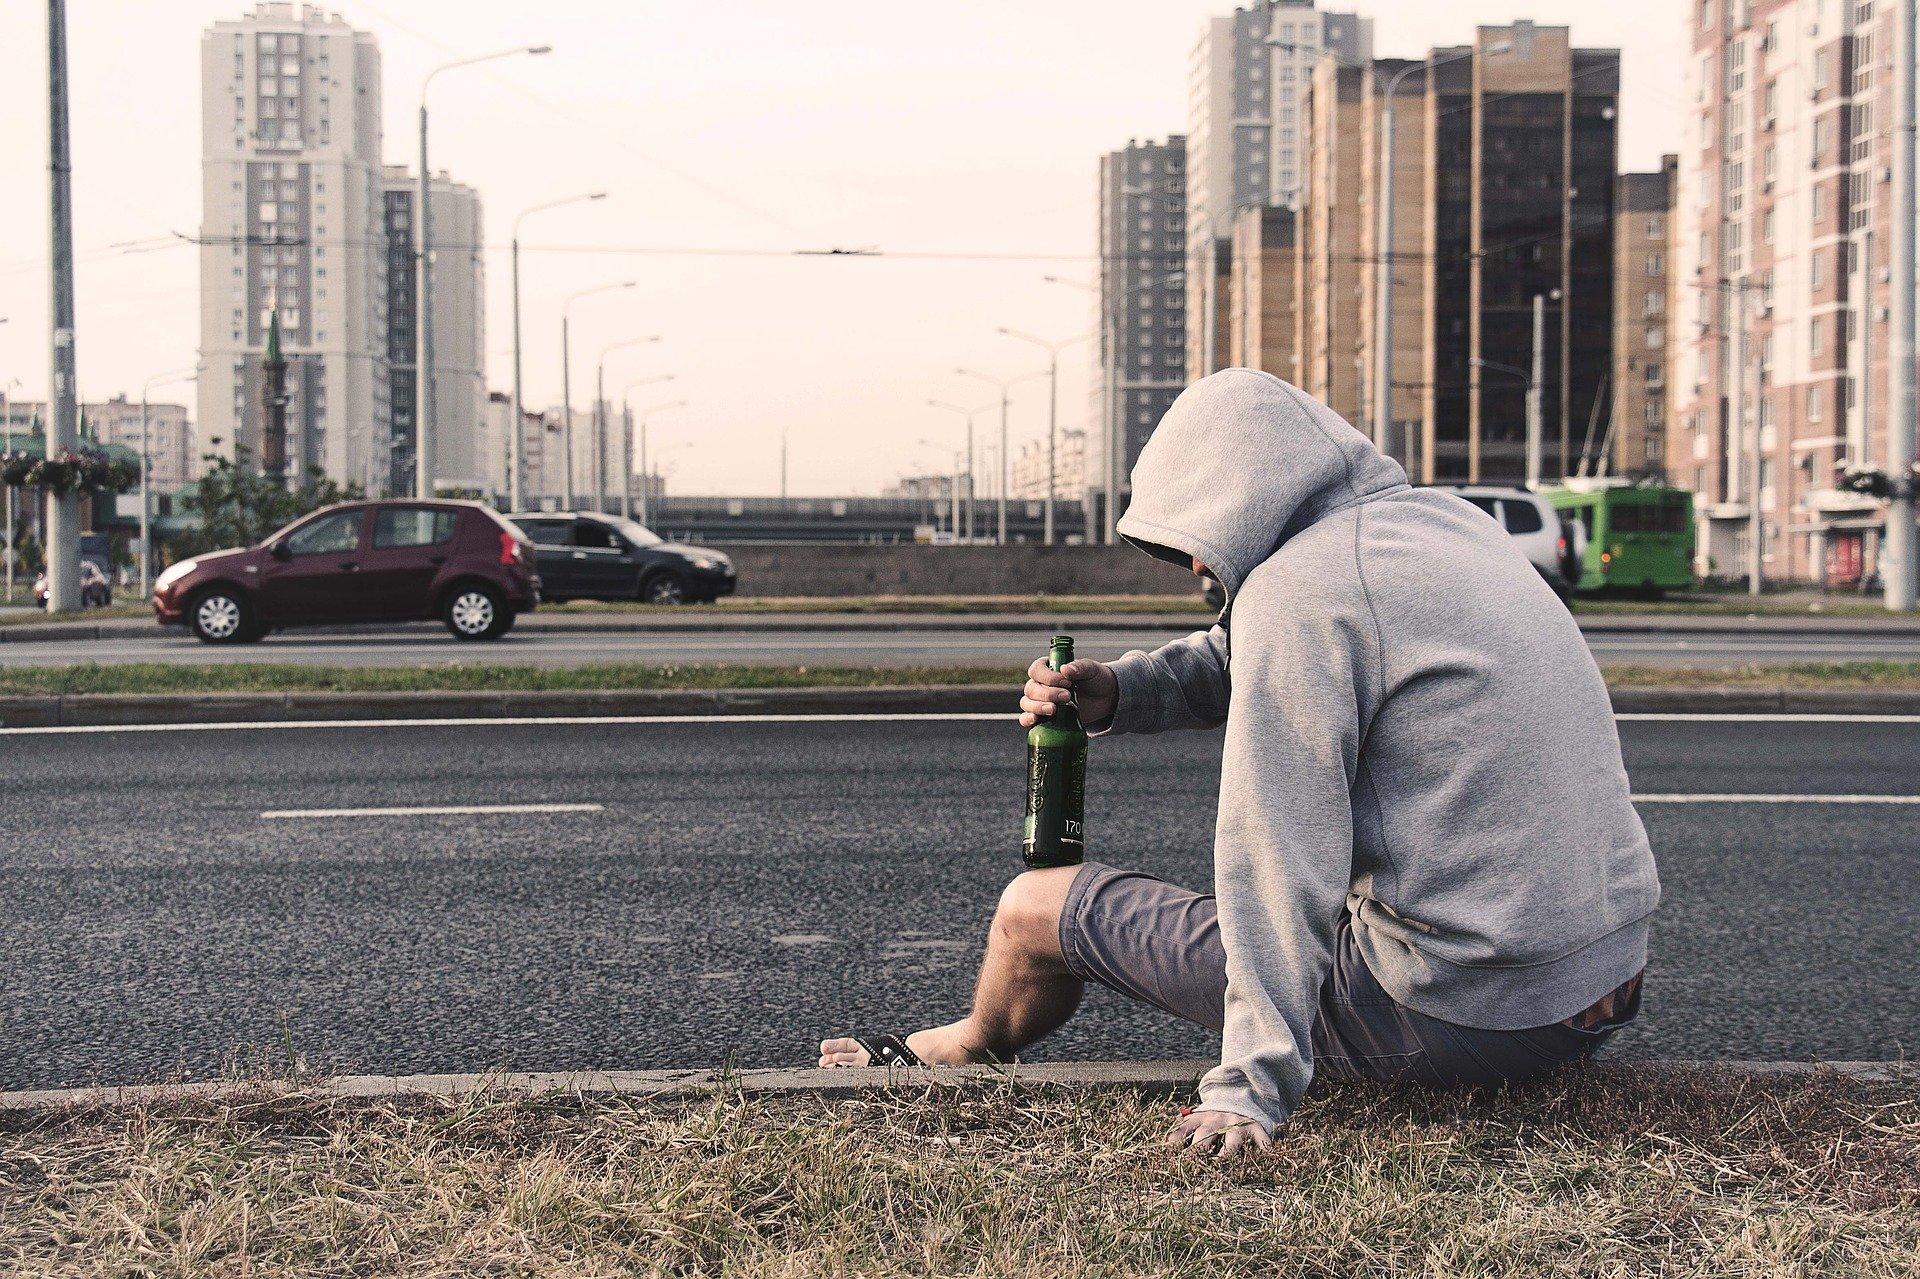 Unfall mit stark betrunkenem Fußgänger - Haftung für Autofahrer kann entfallen 1